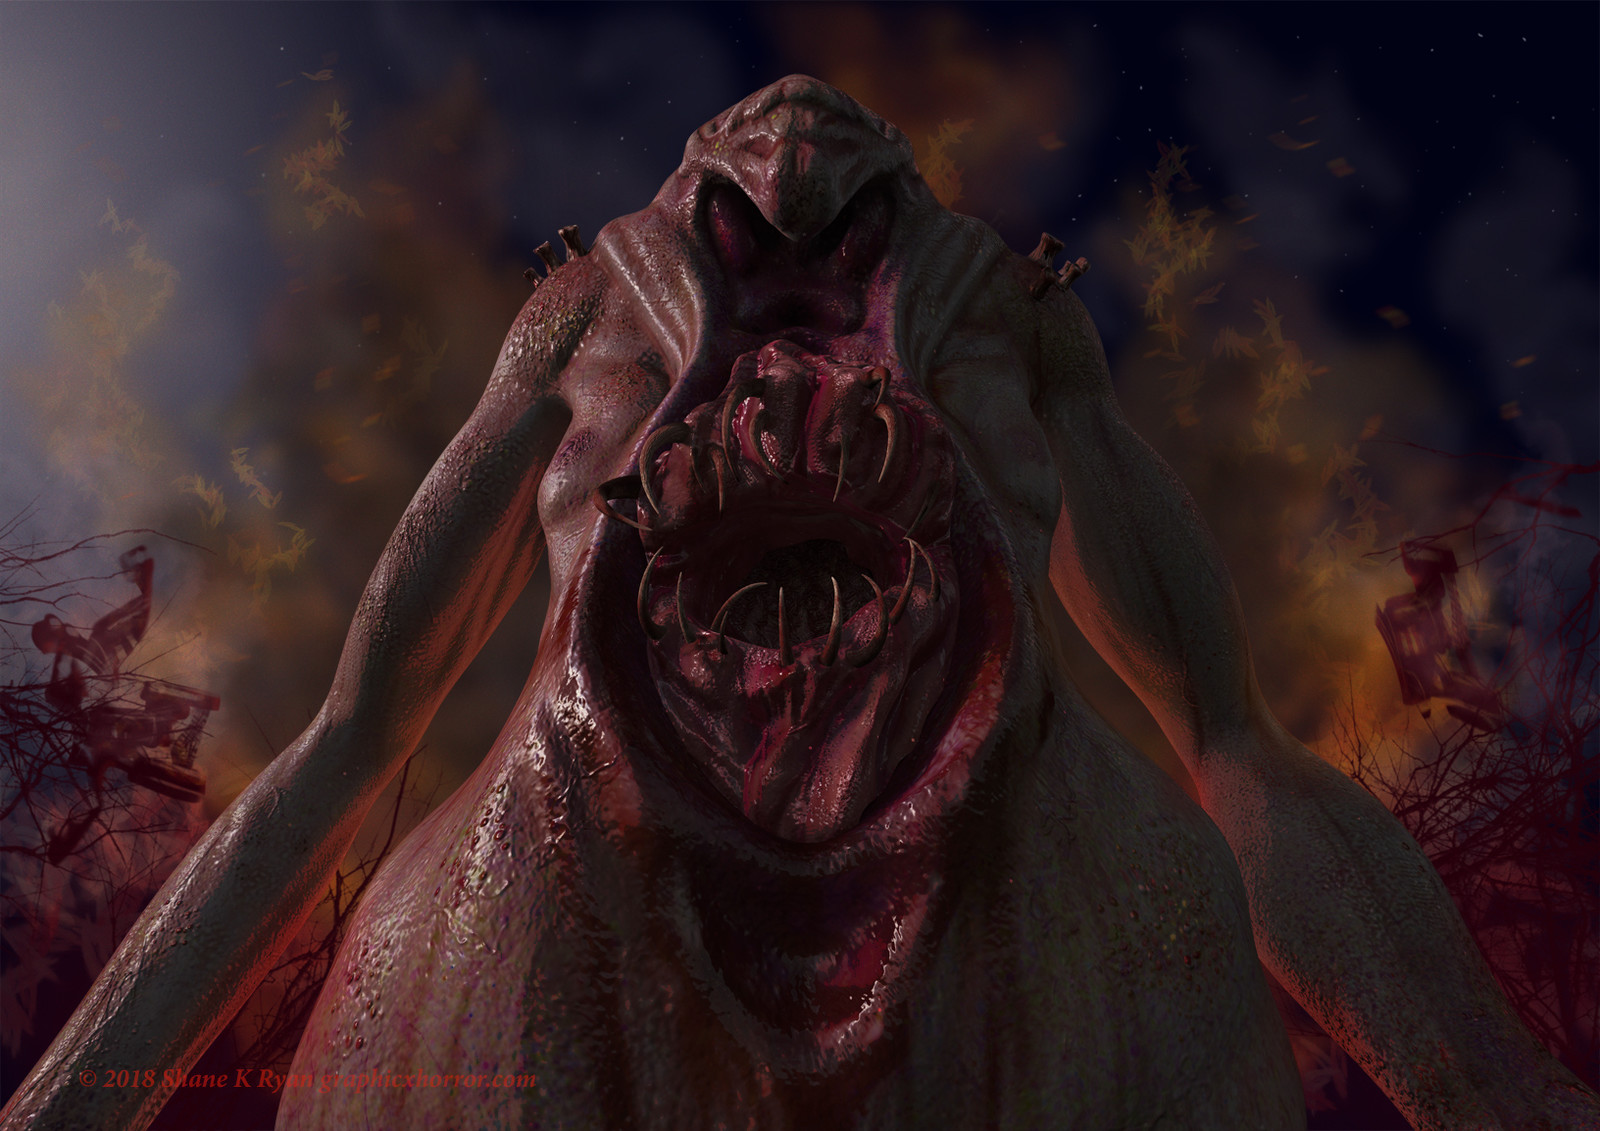 Demonoid.